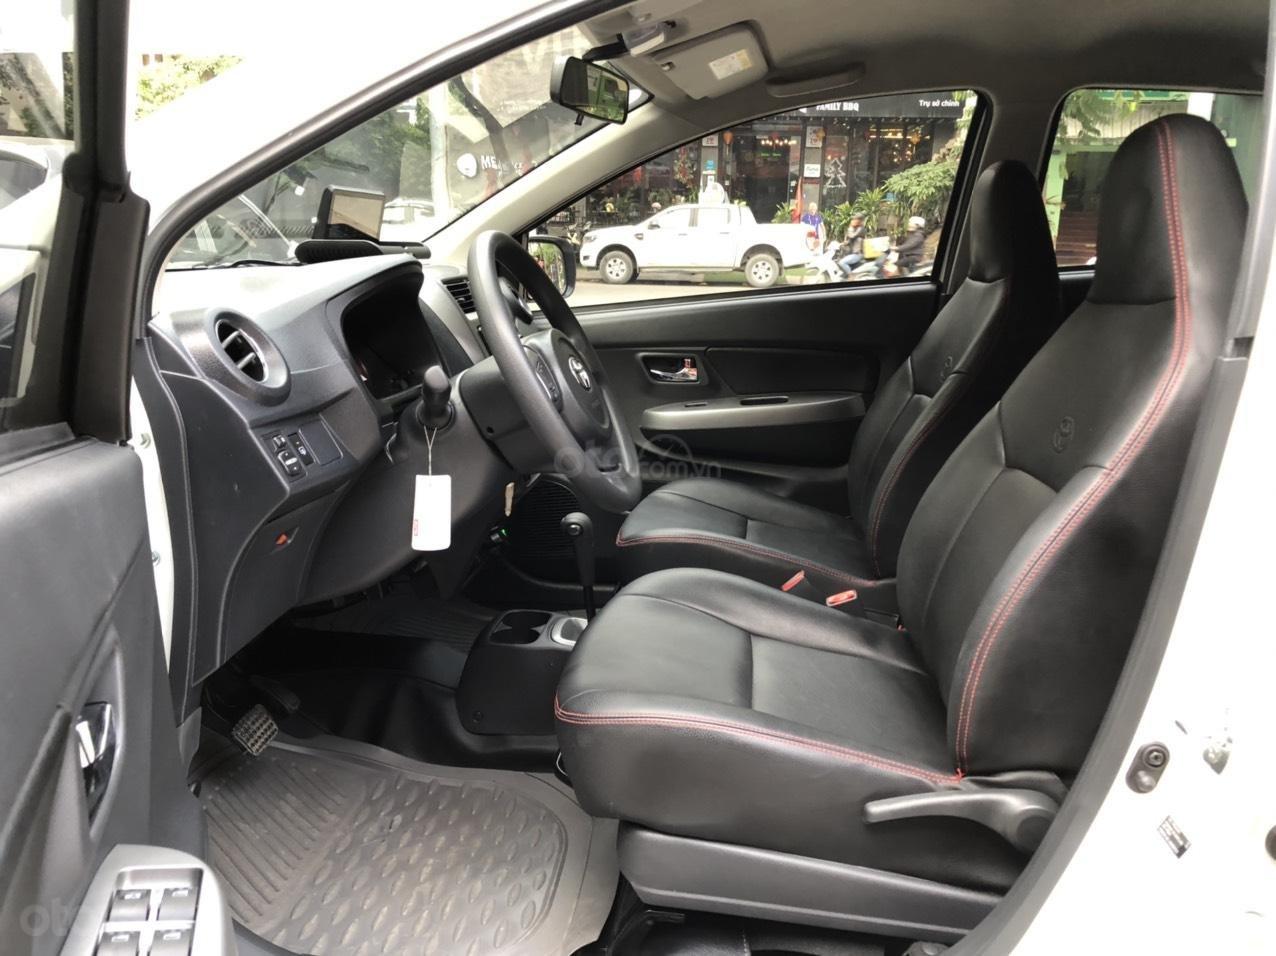 Toyota Wigo 1.2 G AT 2018, màu trắng, số tự động, trả góp (6)